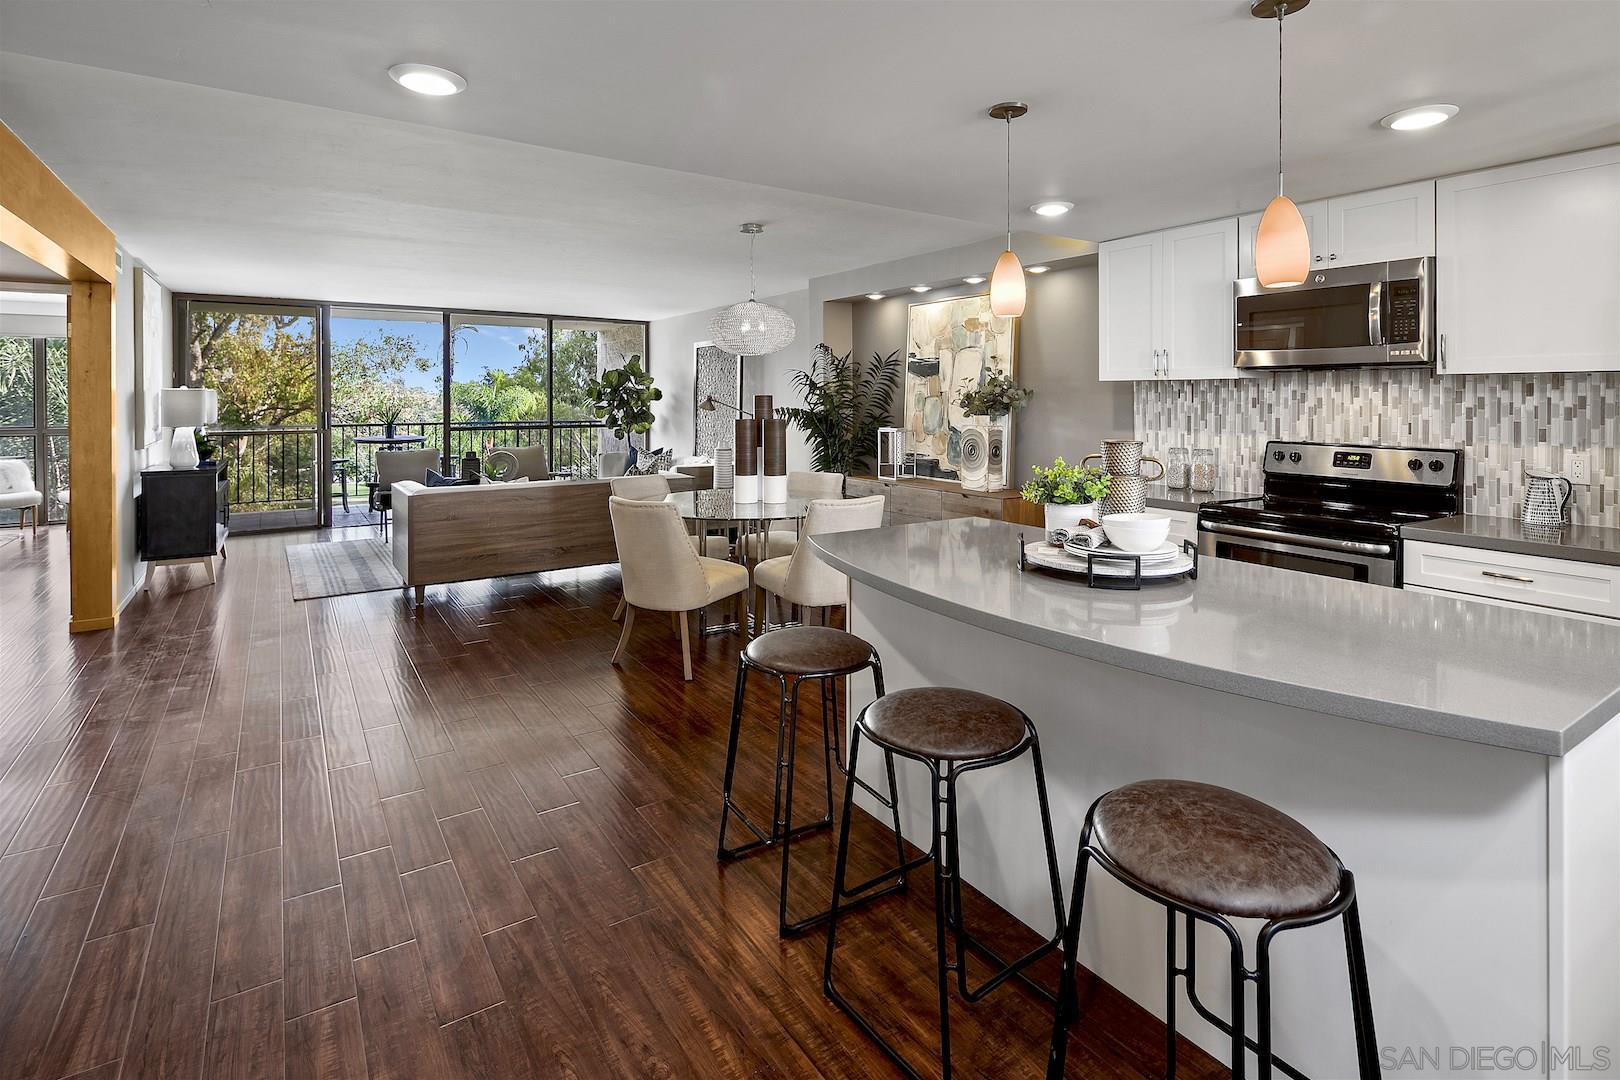 2400 6Th Ave 502, San Diego, CA 92101